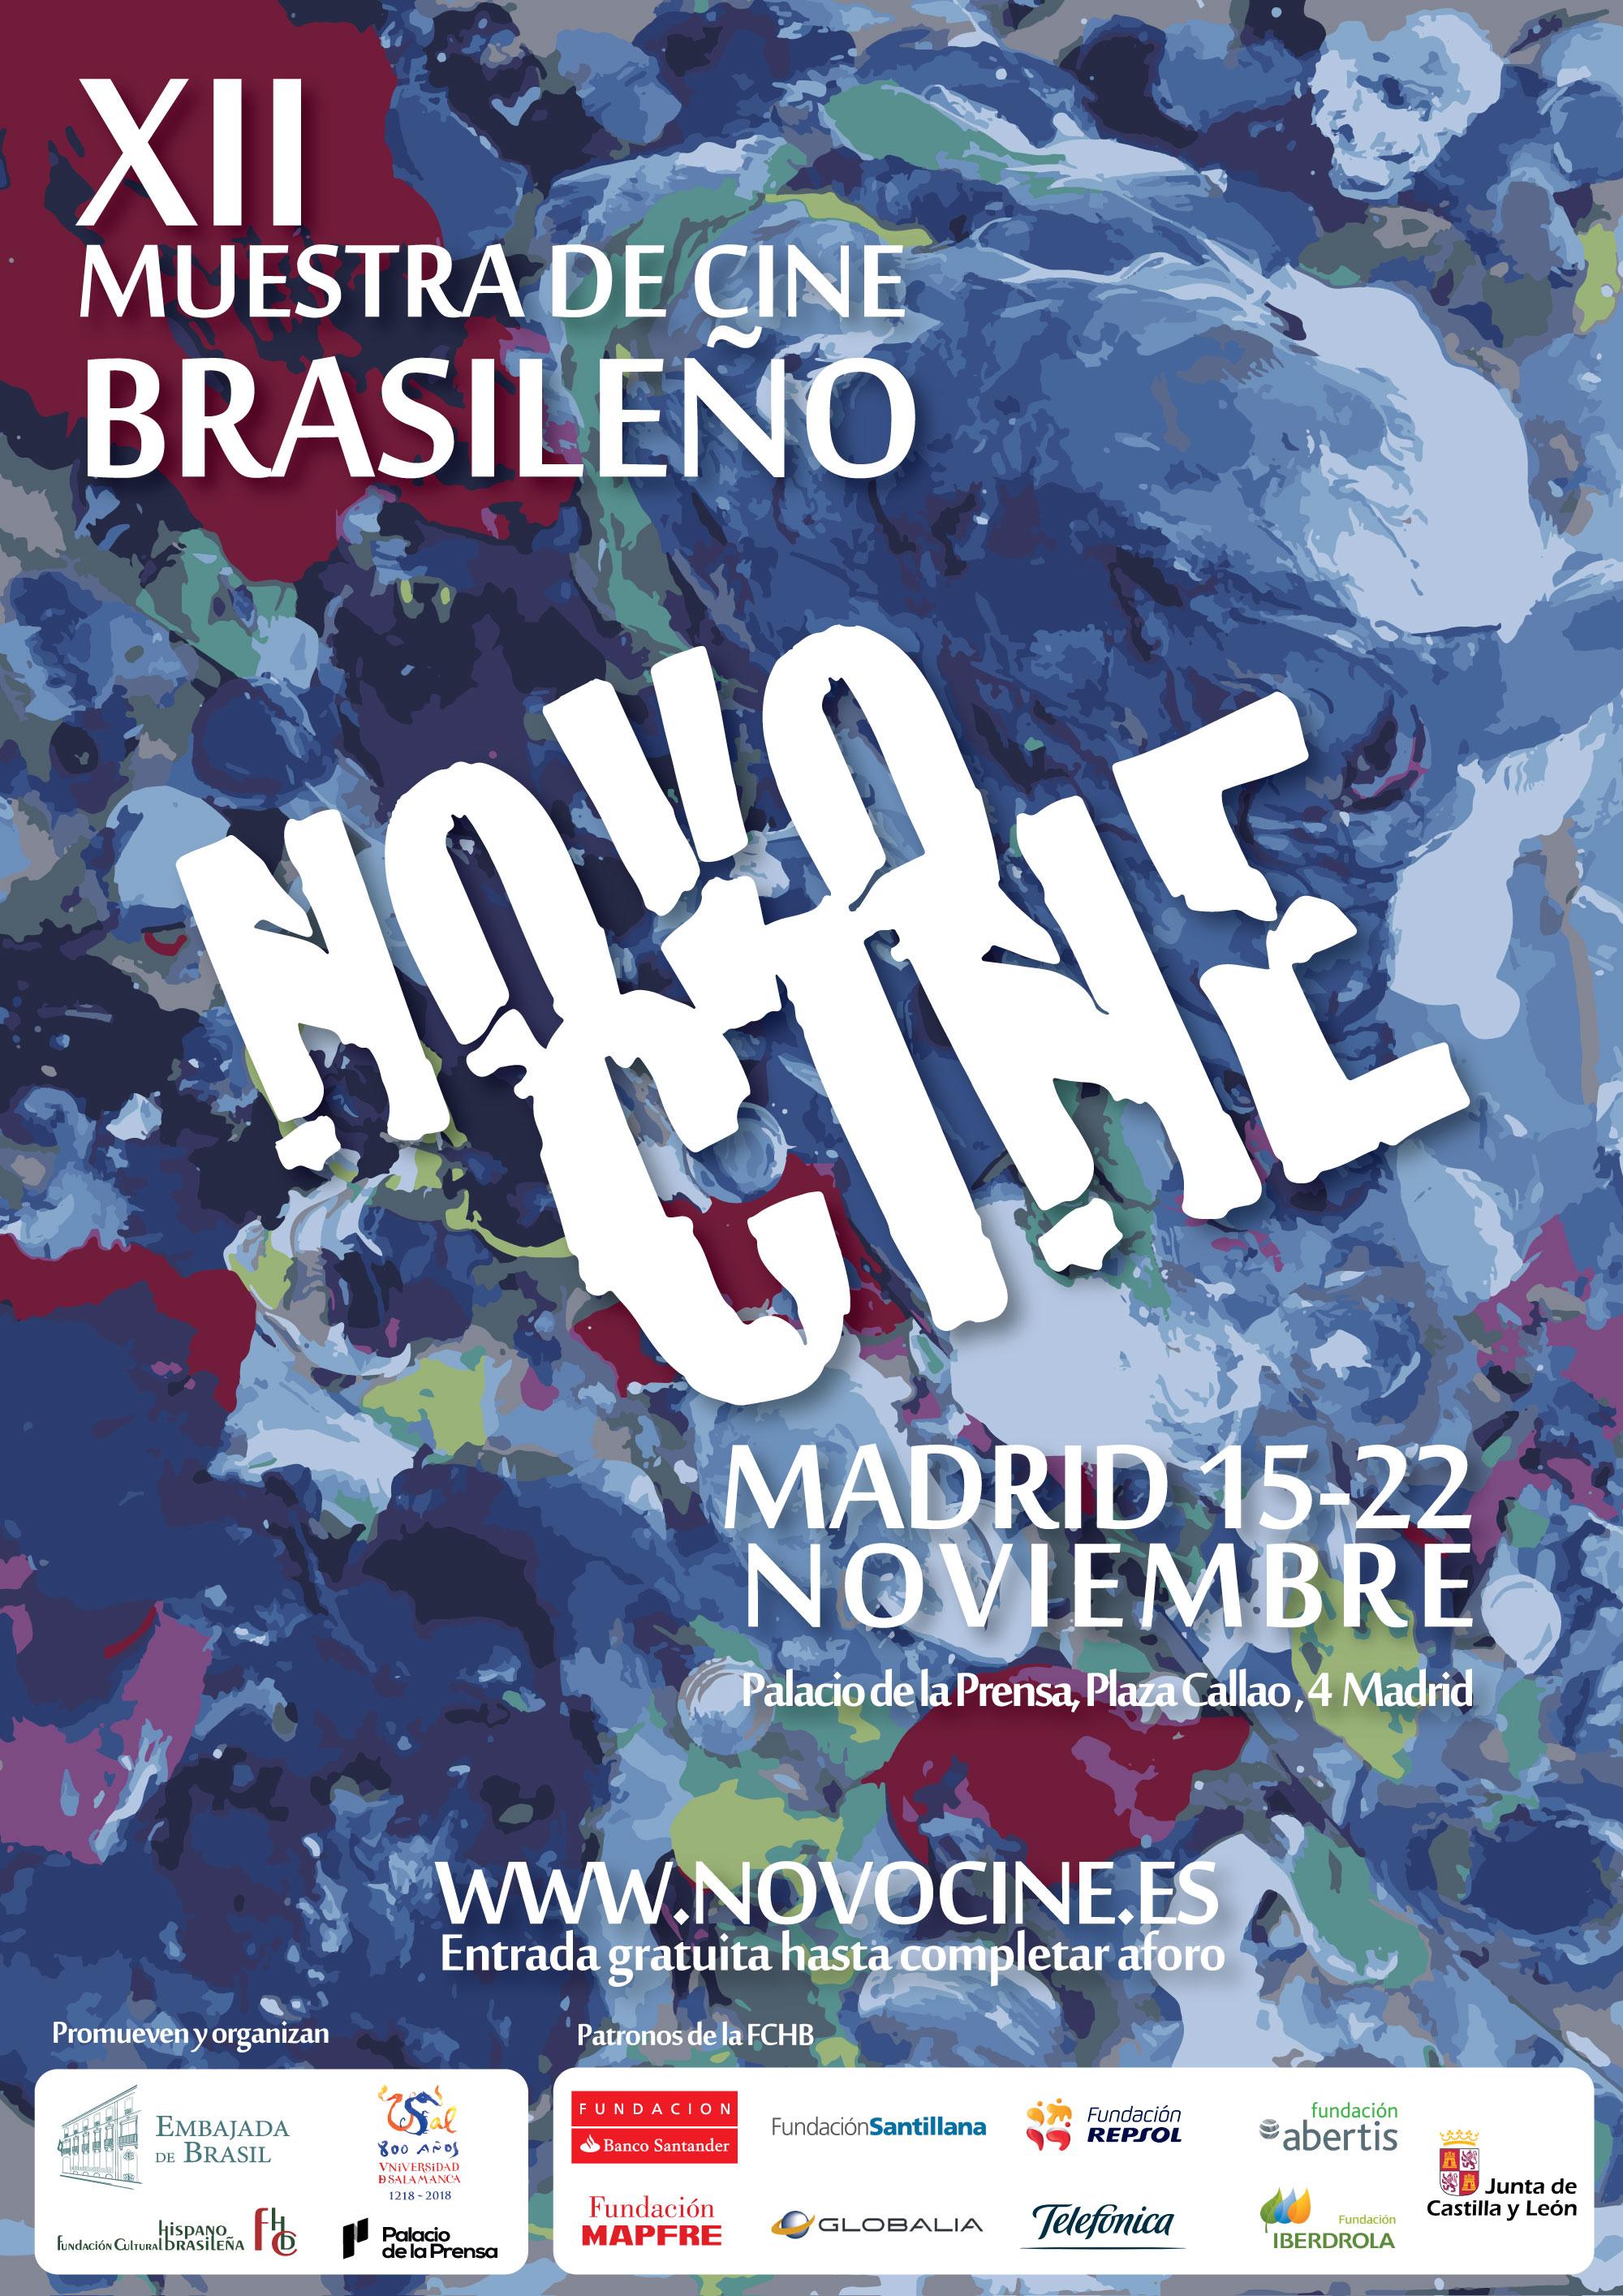 15-22 de noviembre: XII NOVOCINE en Madrid